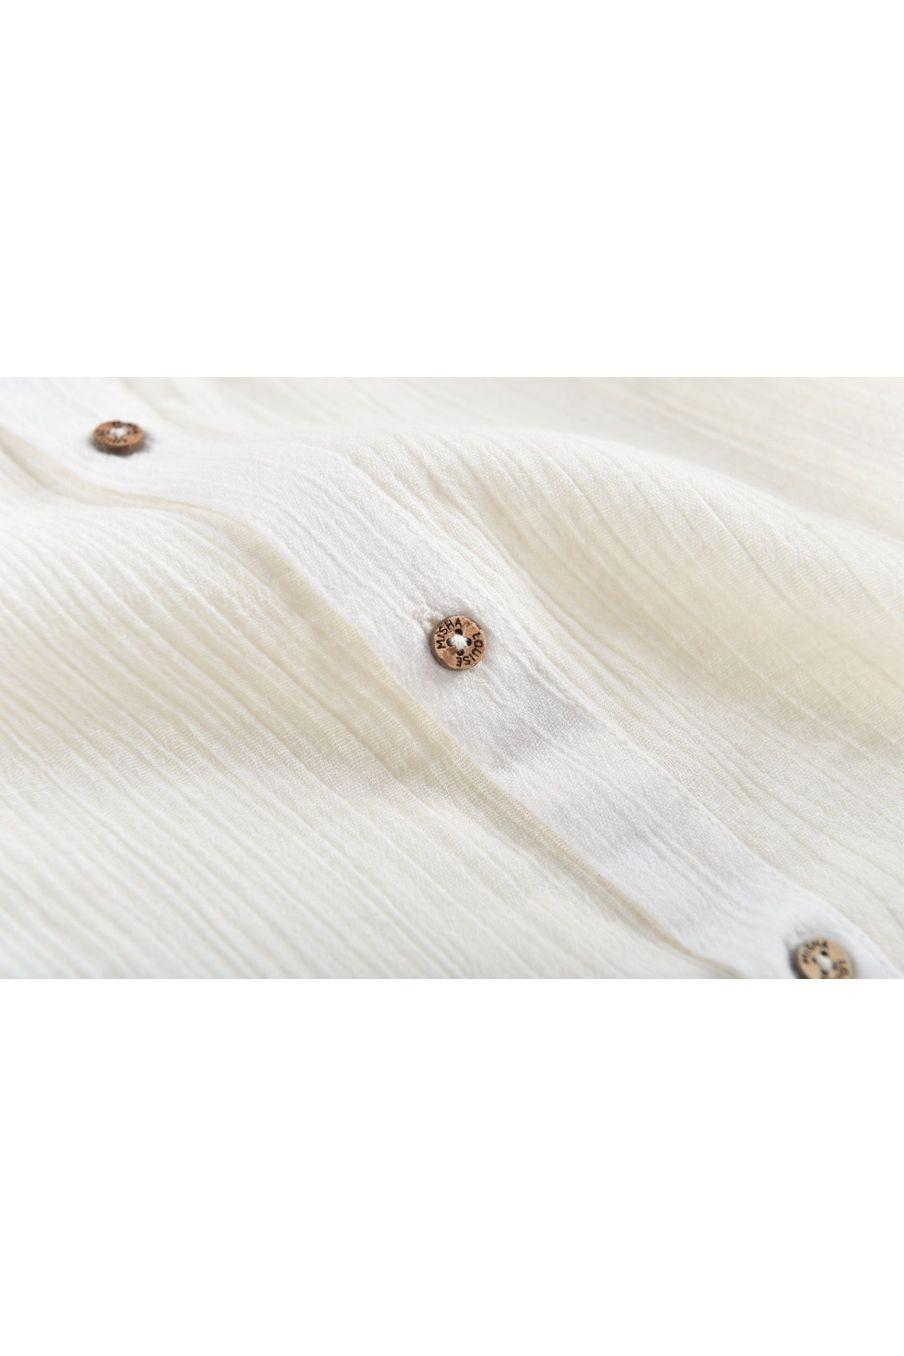 boheme chic vintage chemise garcon amod ecru